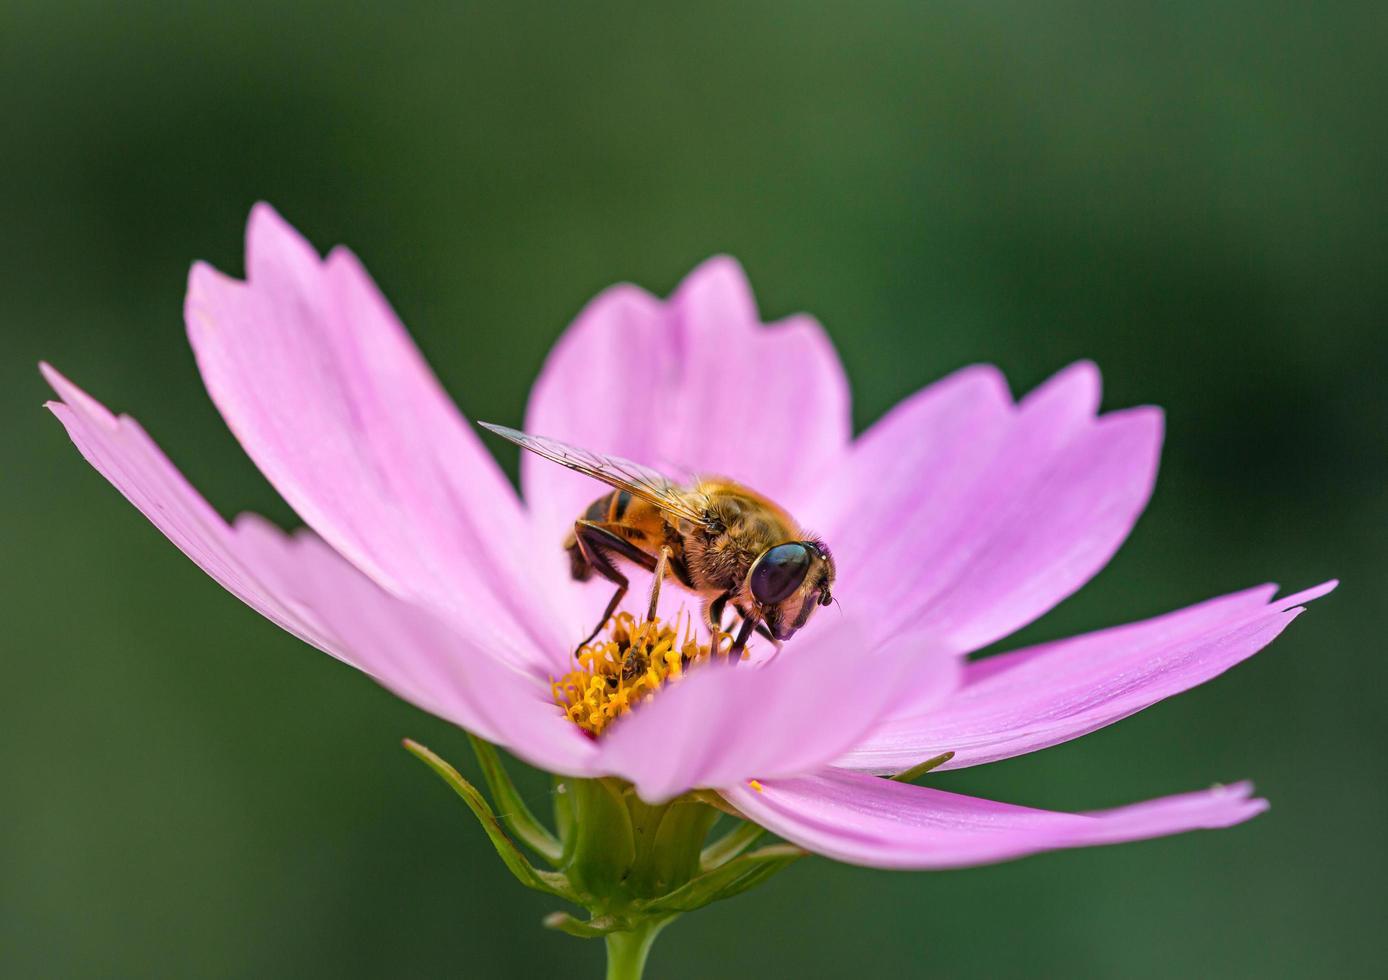 abeja en flor morada foto